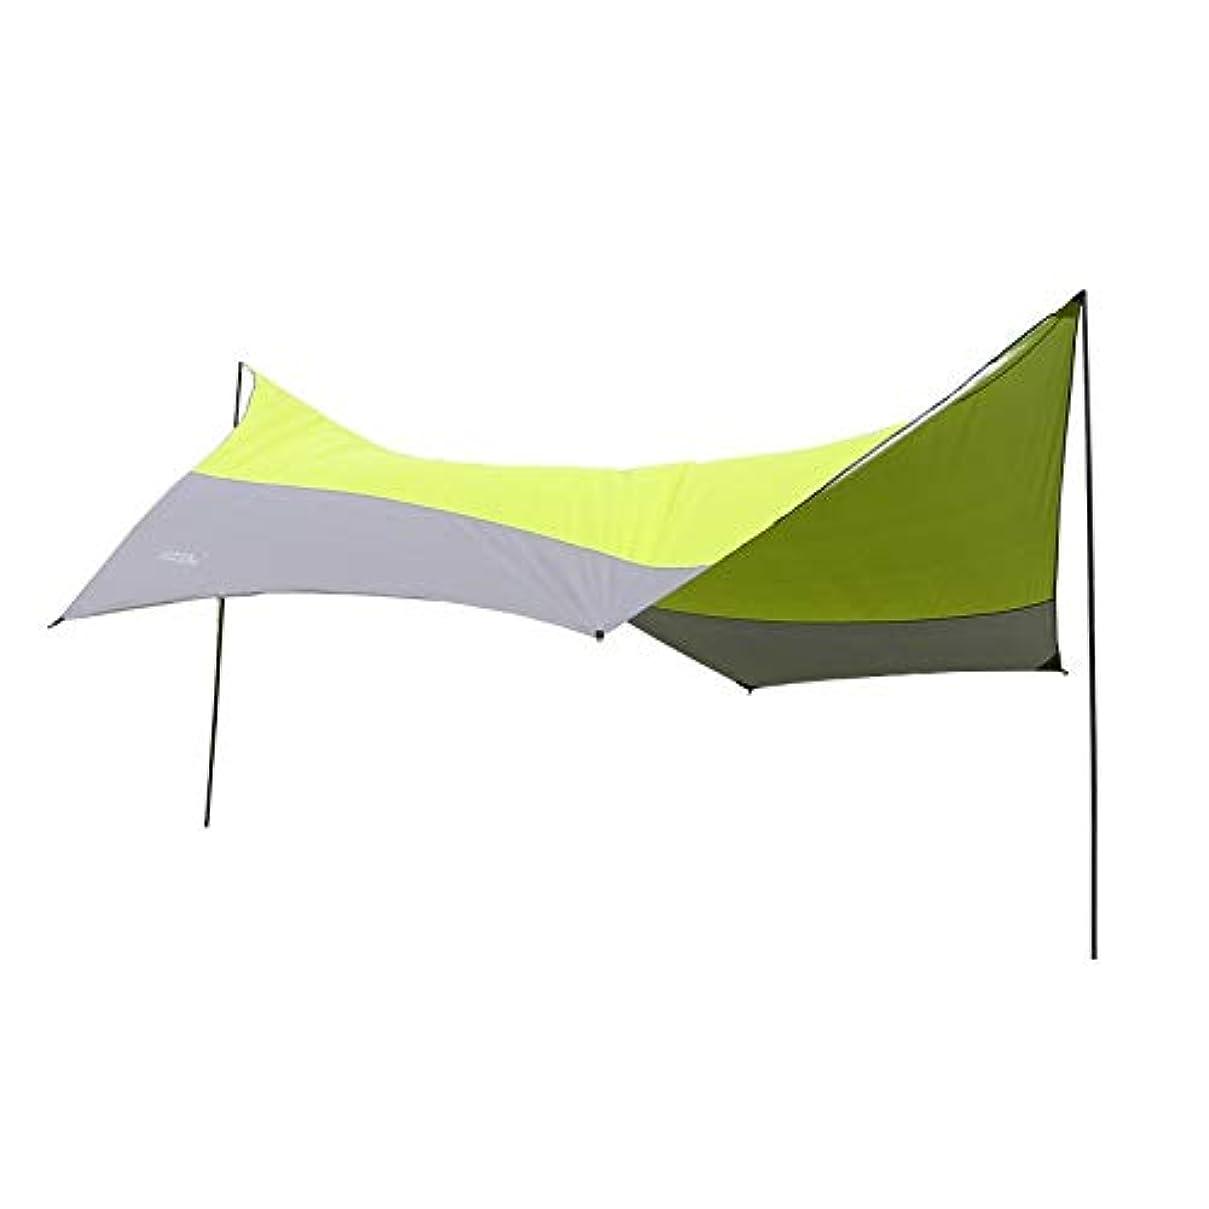 について展開する責めるKTH ビーチテントとキャンプテント、簡単セットアップとアウトドアポータブルテント、サンシェルター